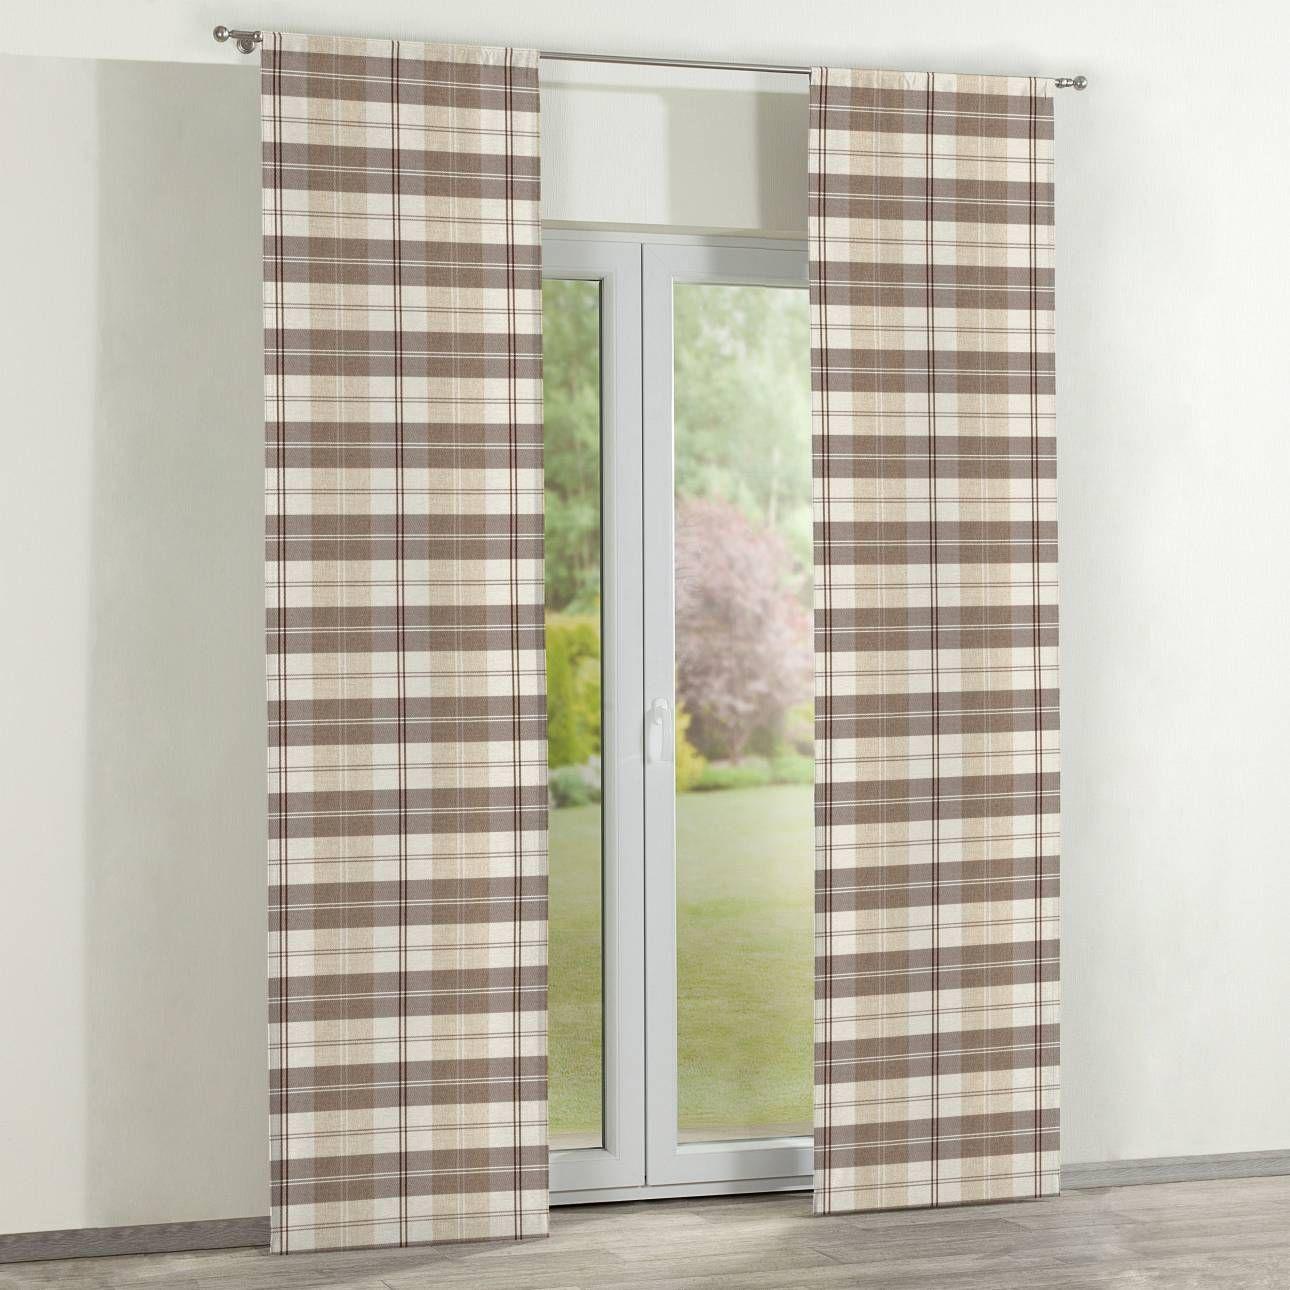 Kurze Vorhange Fur Fenster Vorhange Fur Schlafzimmer Modern Vorhange Gardinen Darmstadt Wohn Gardinen Gunstig Gardinen Fur Kleine Fenster Vorhange Modern